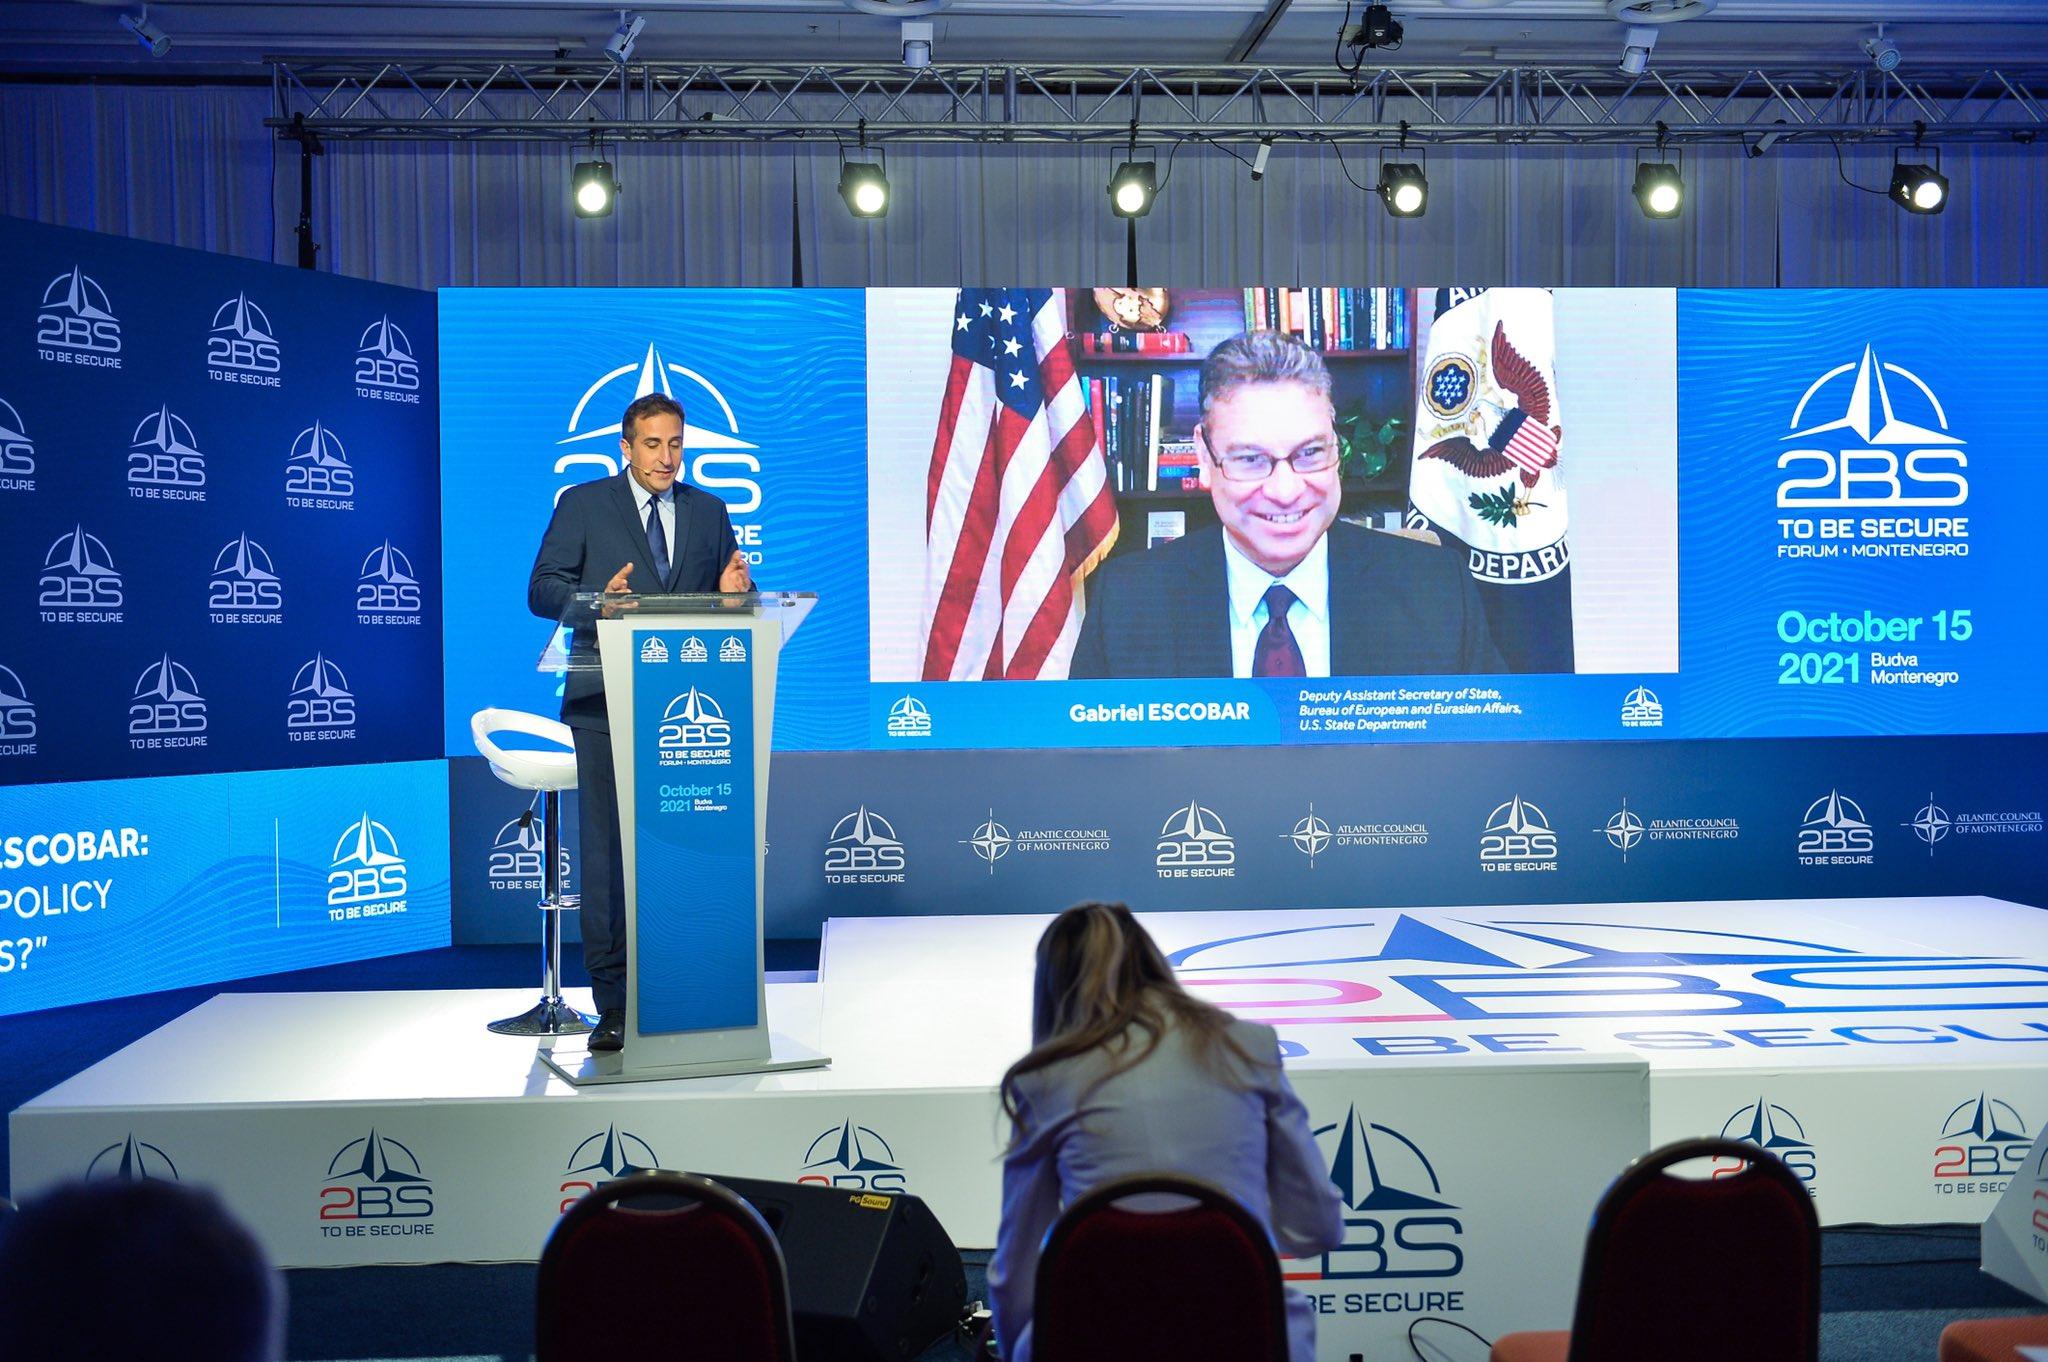 САД: Просрпске снаге би требале схватити да Црна Гора мора бити демократска, независна, суверена и западно оријентисана, те остати дио НАТО-